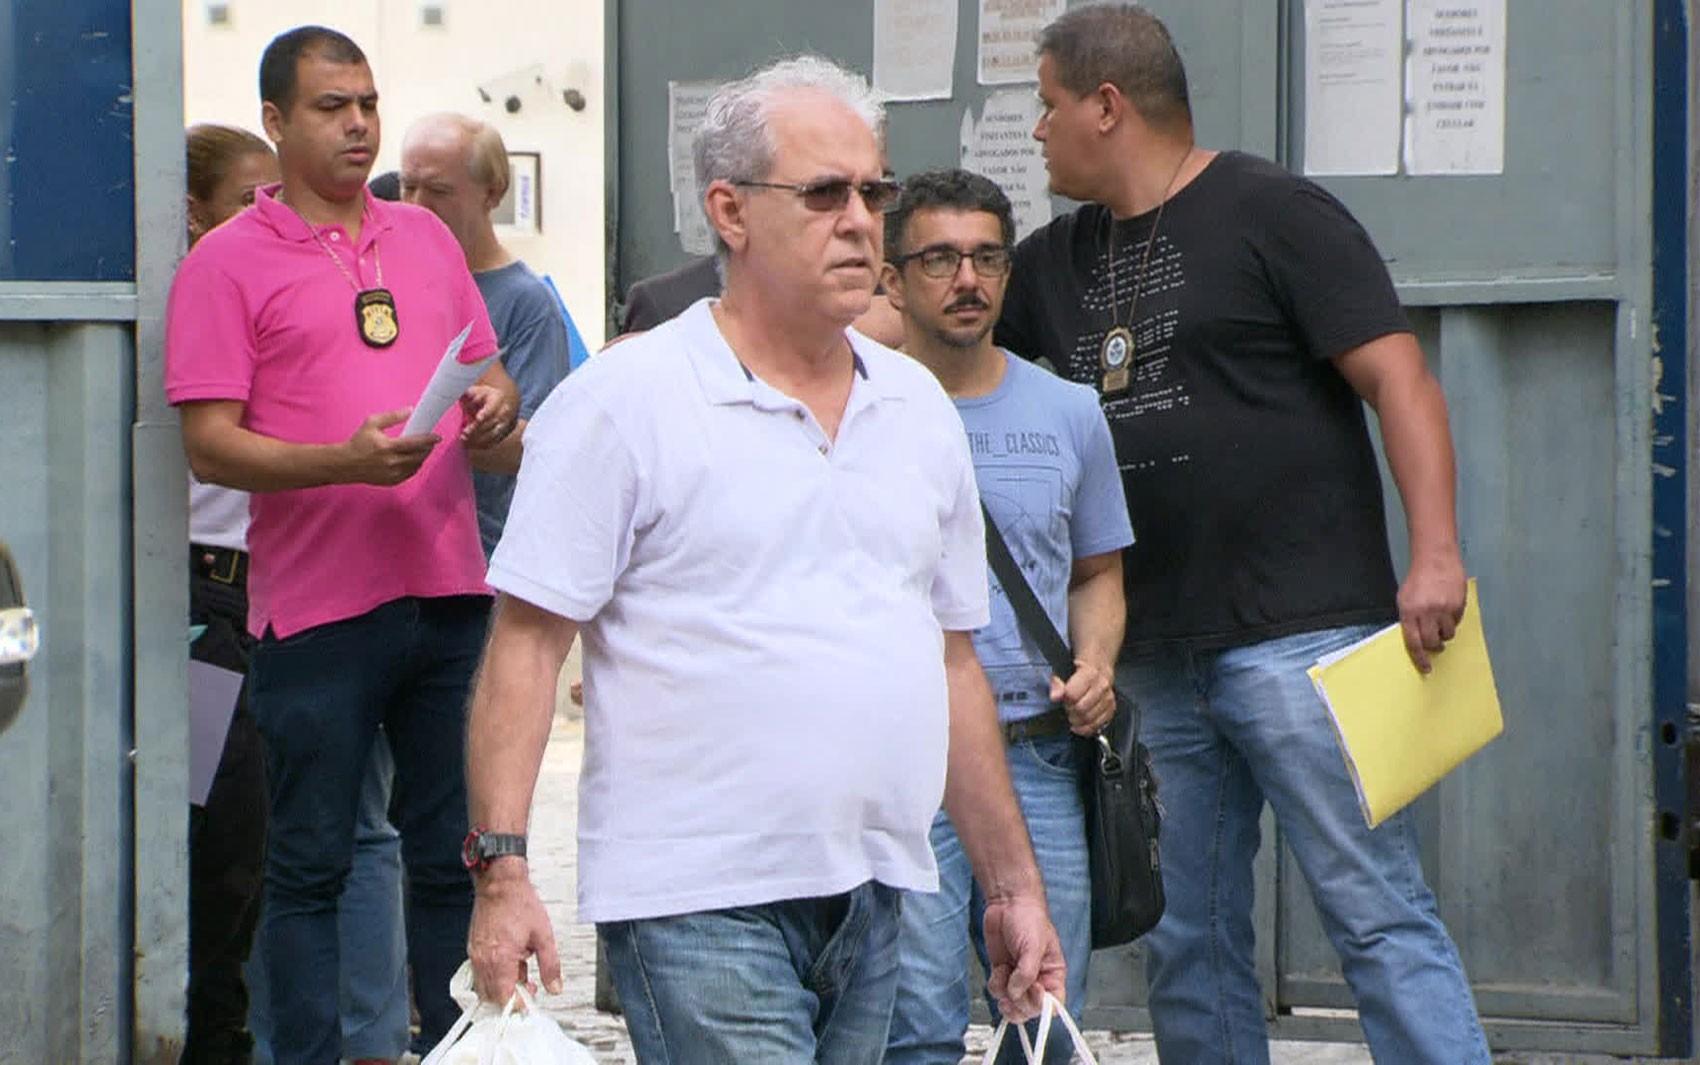 Ary Filho, apontado como operador financeiro do esquema de Cabral, deixa a cadeia no Rio